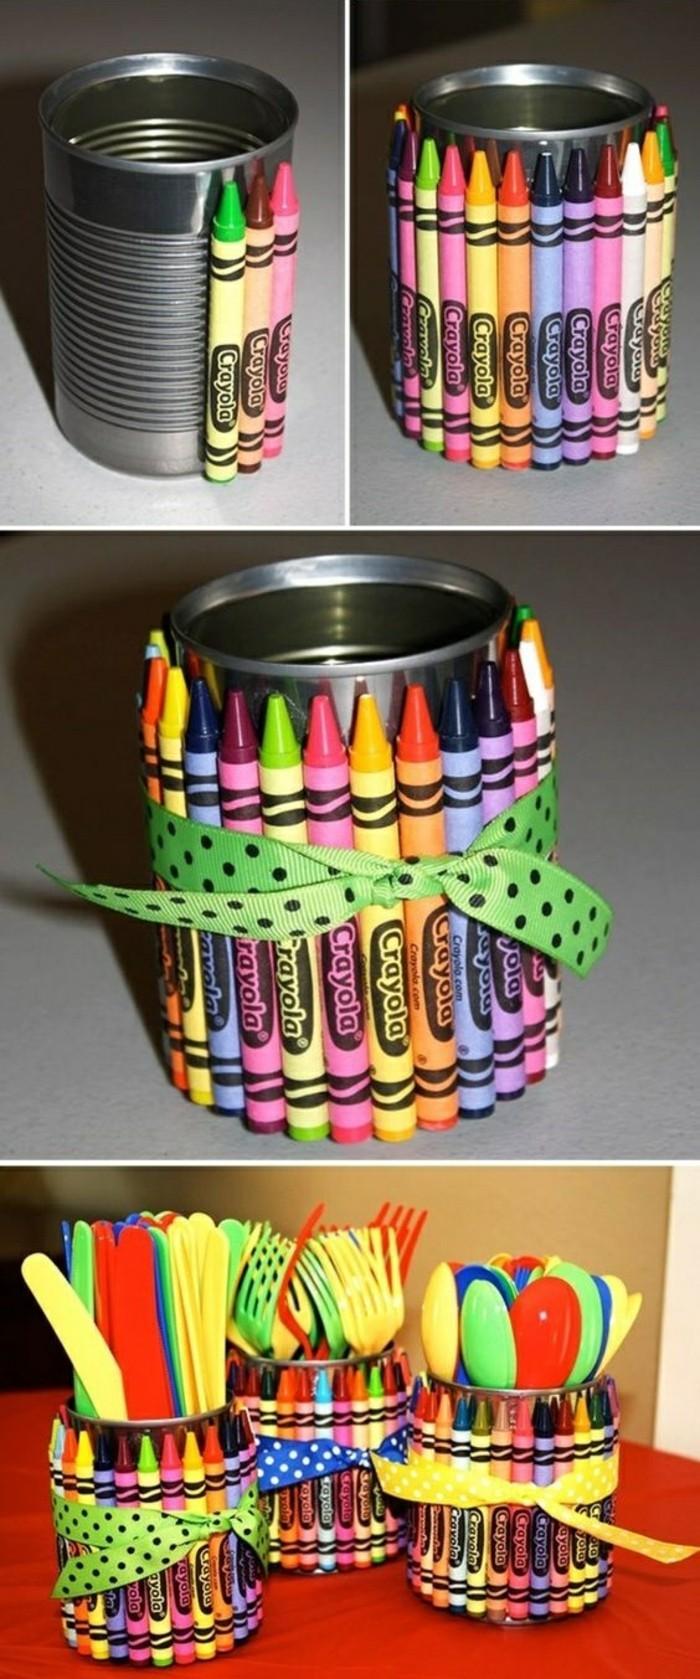 ideas de manualidades con latas de refresco, latas decoradas con lapices de colores, cajas de almacenamiento originales